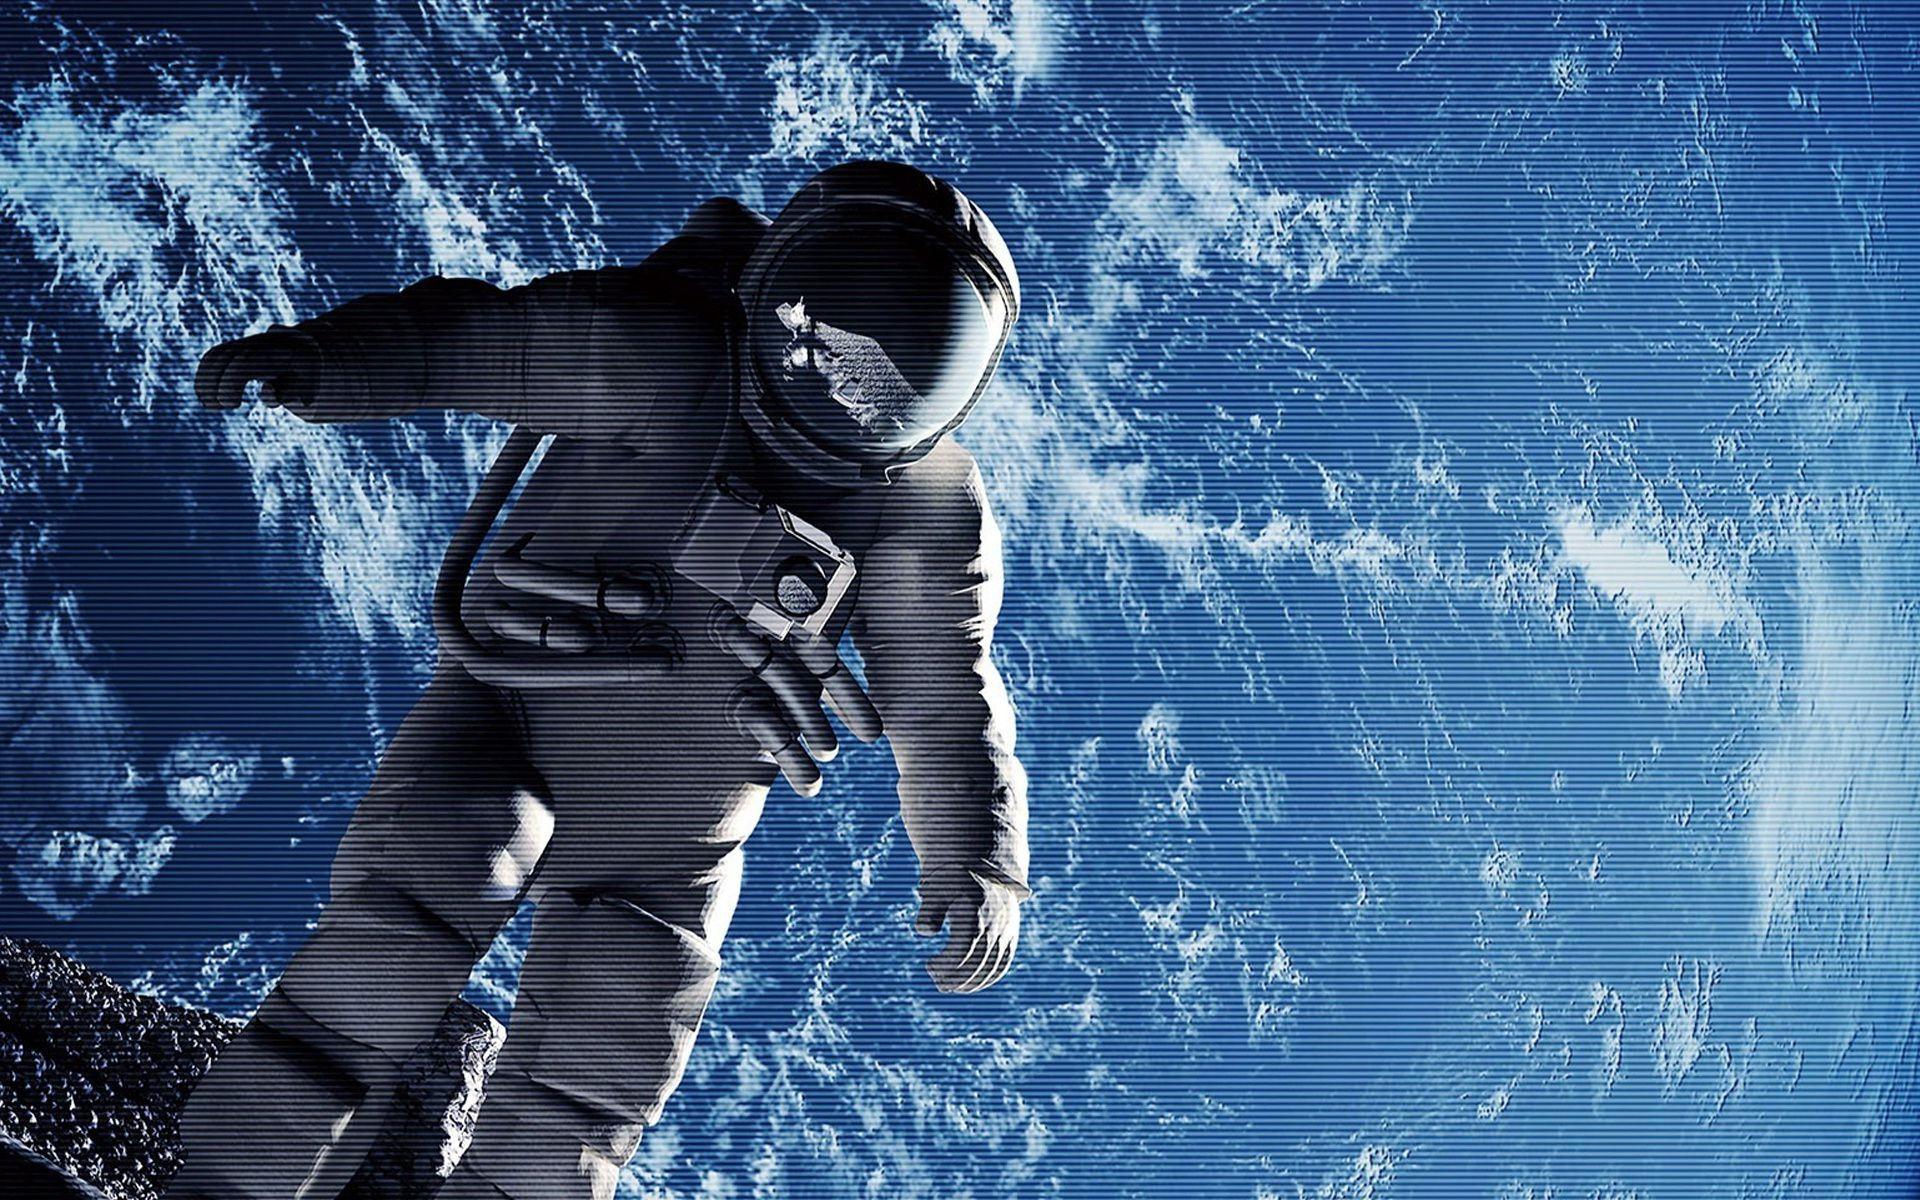 привозят пустой, фото космонавта в космосе на рабочий стол нужно особенно